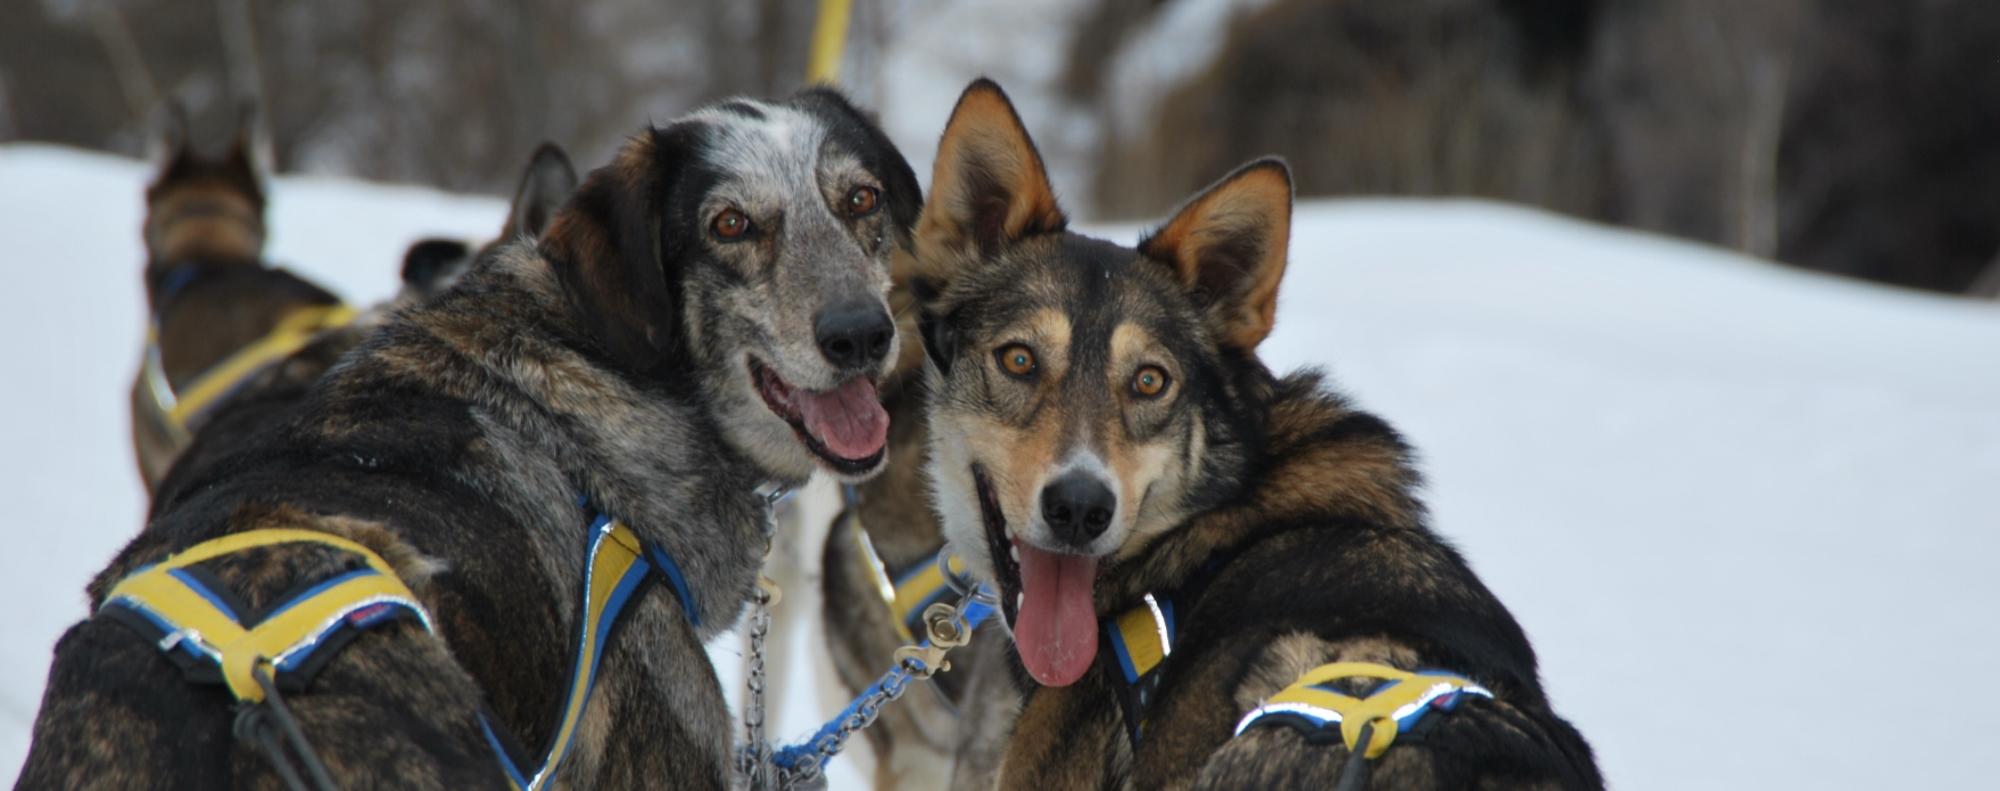 Des chiens issus de croisemements pour aller plus vite ! ©Le trappeur